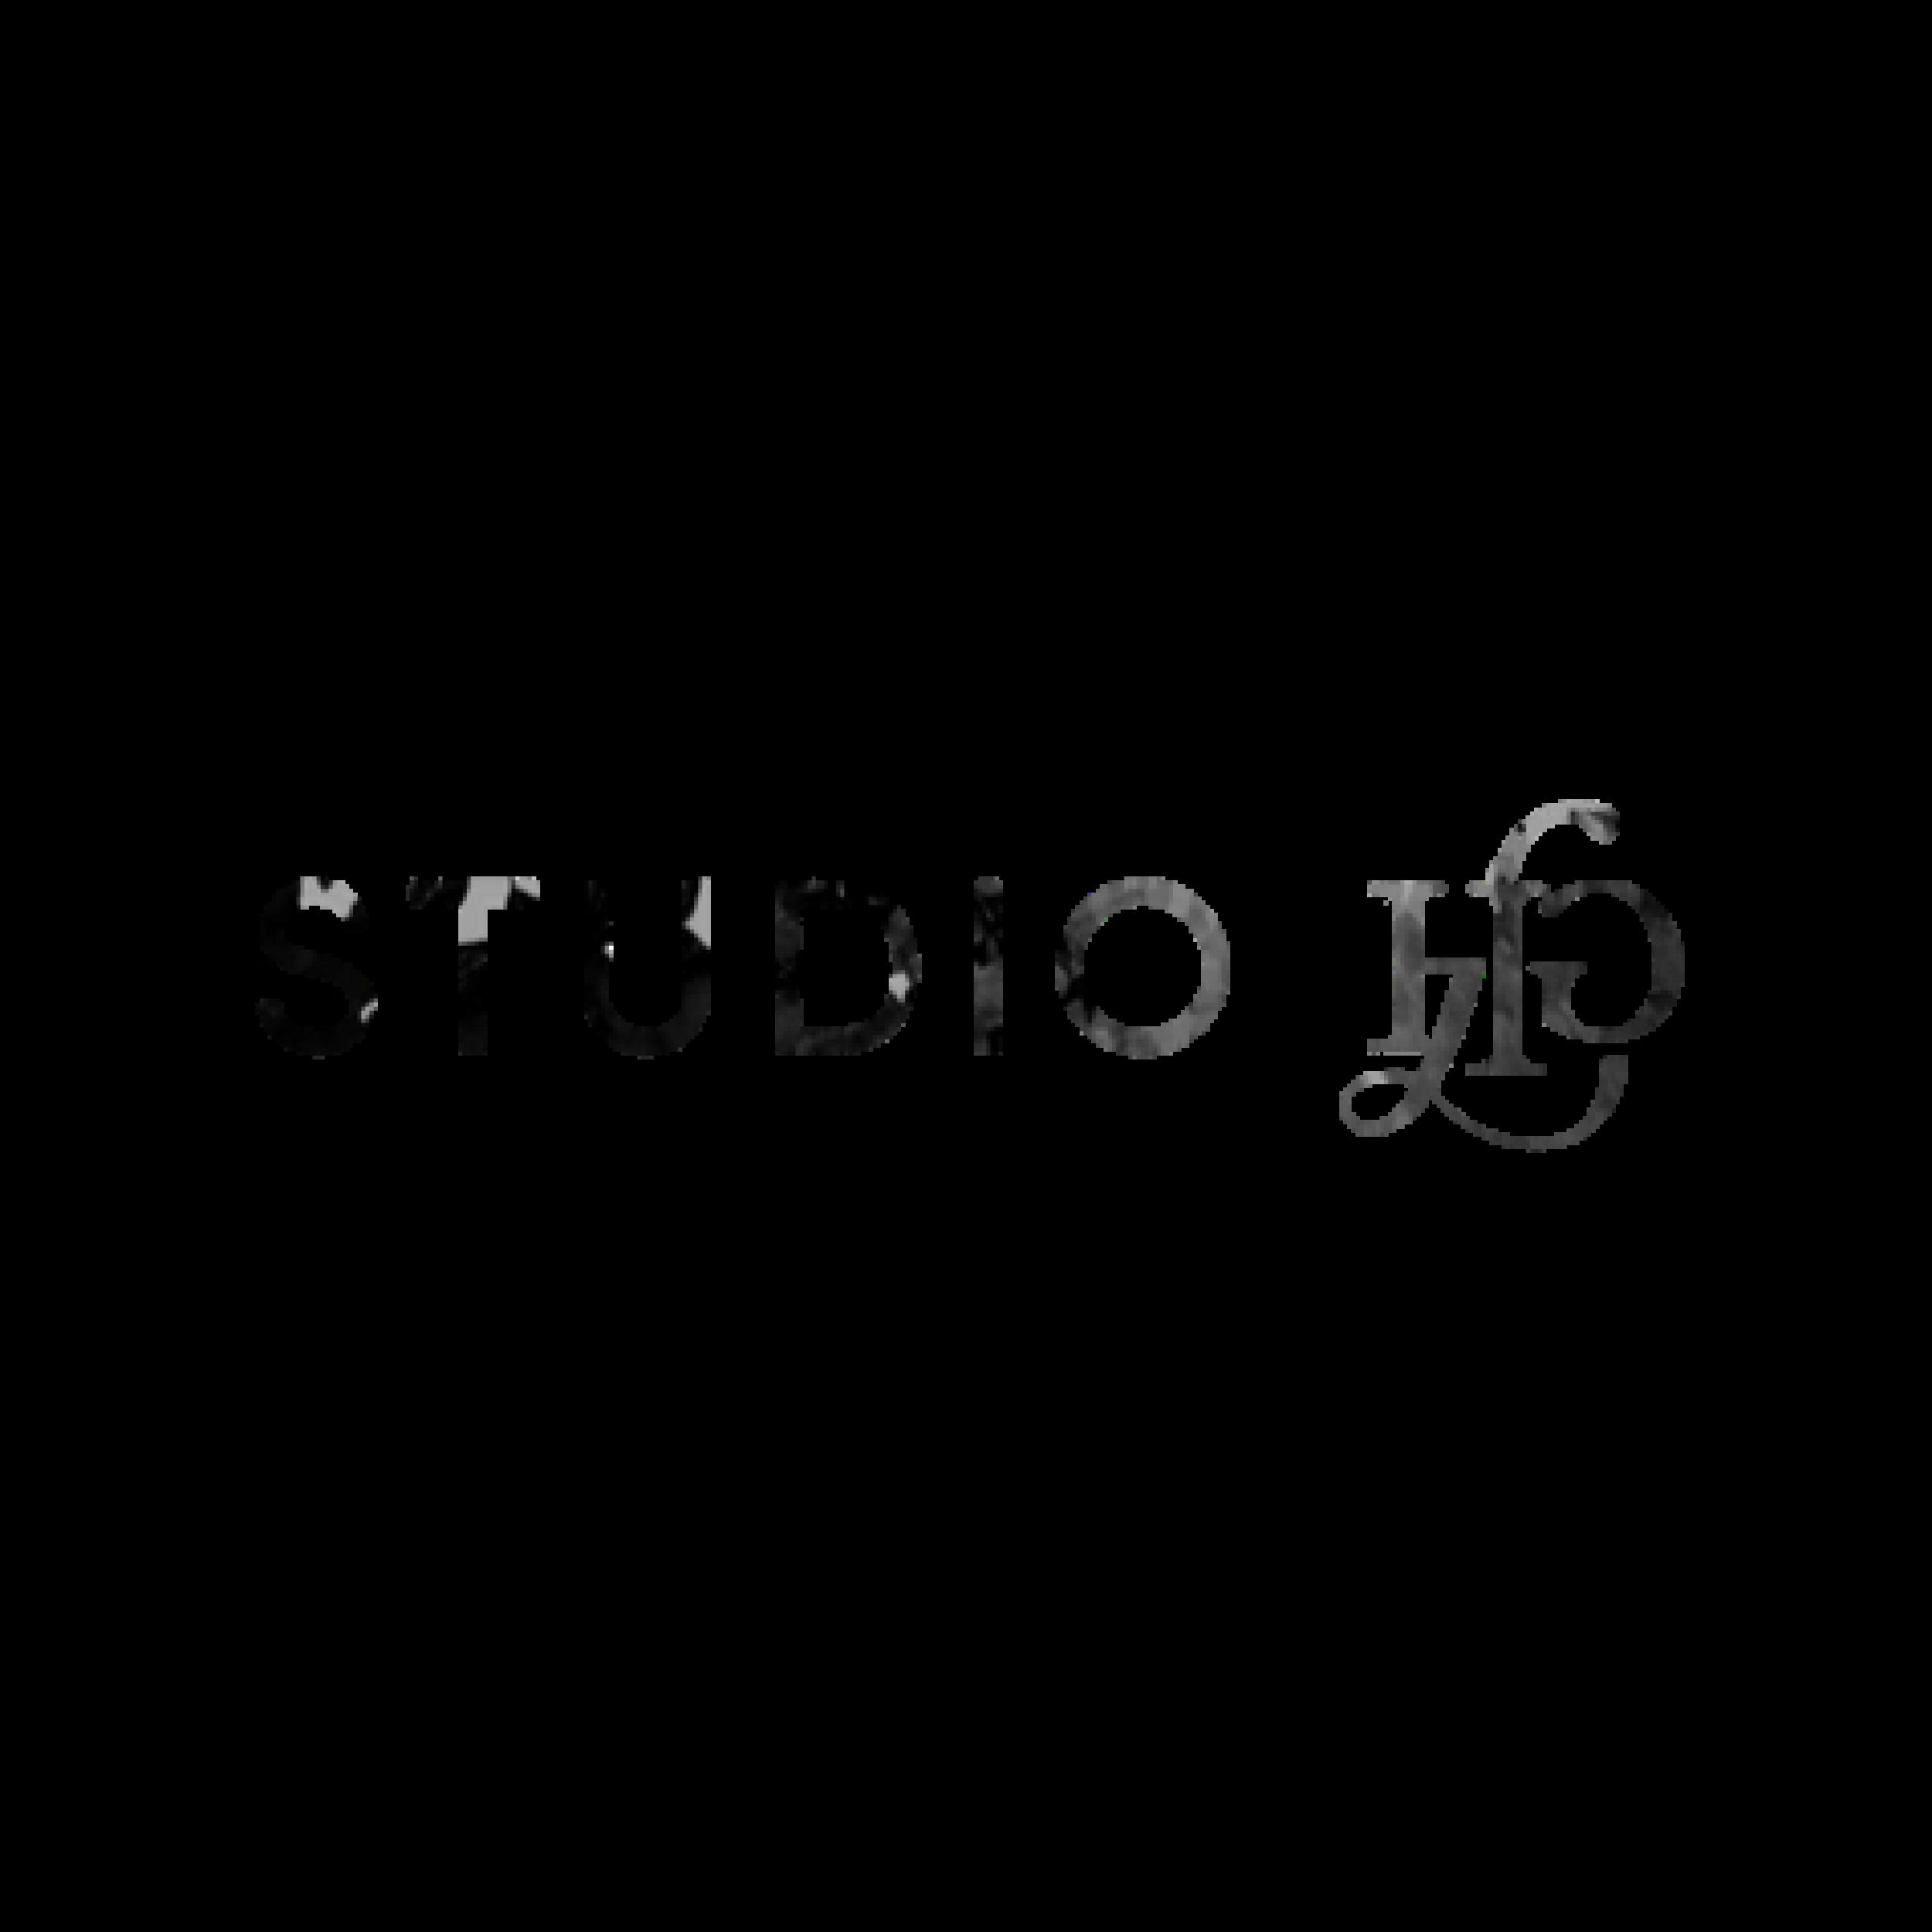 LogoStudioHLG